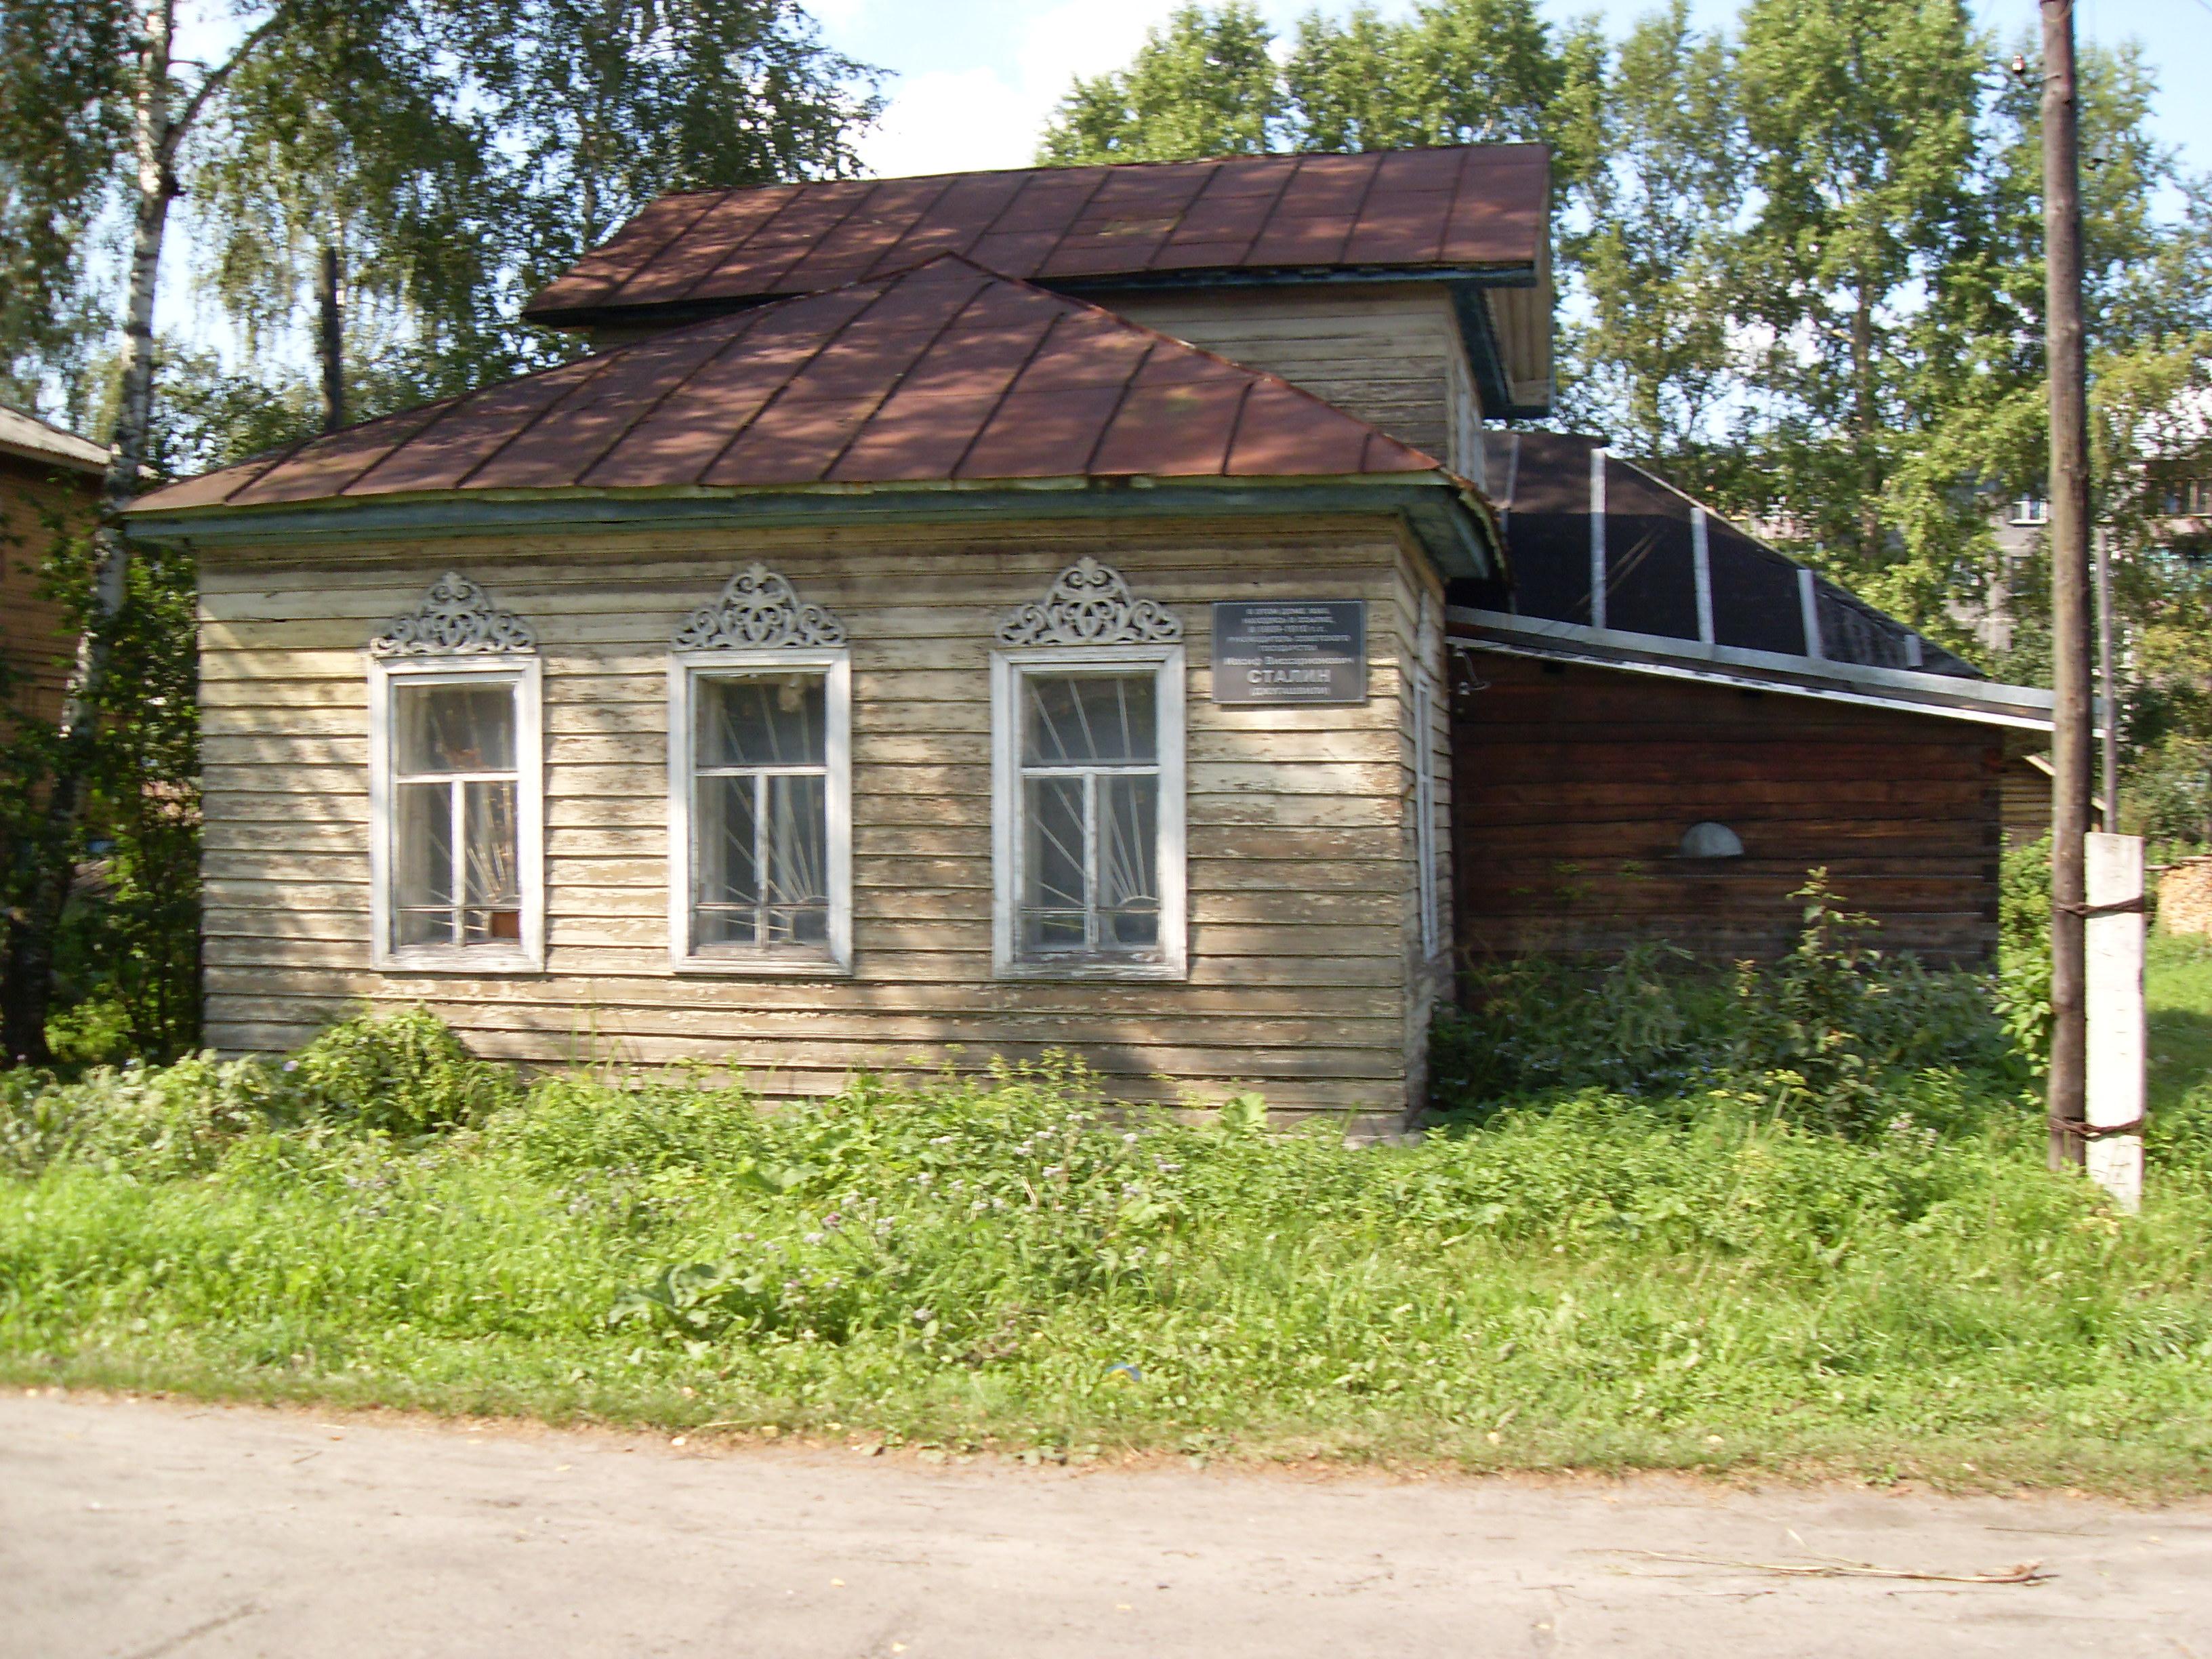 Файл:Дом, в котором жил, находясь в ссылке 1909-1910 Сталин. Сольвычегодск.JPG — Википедия